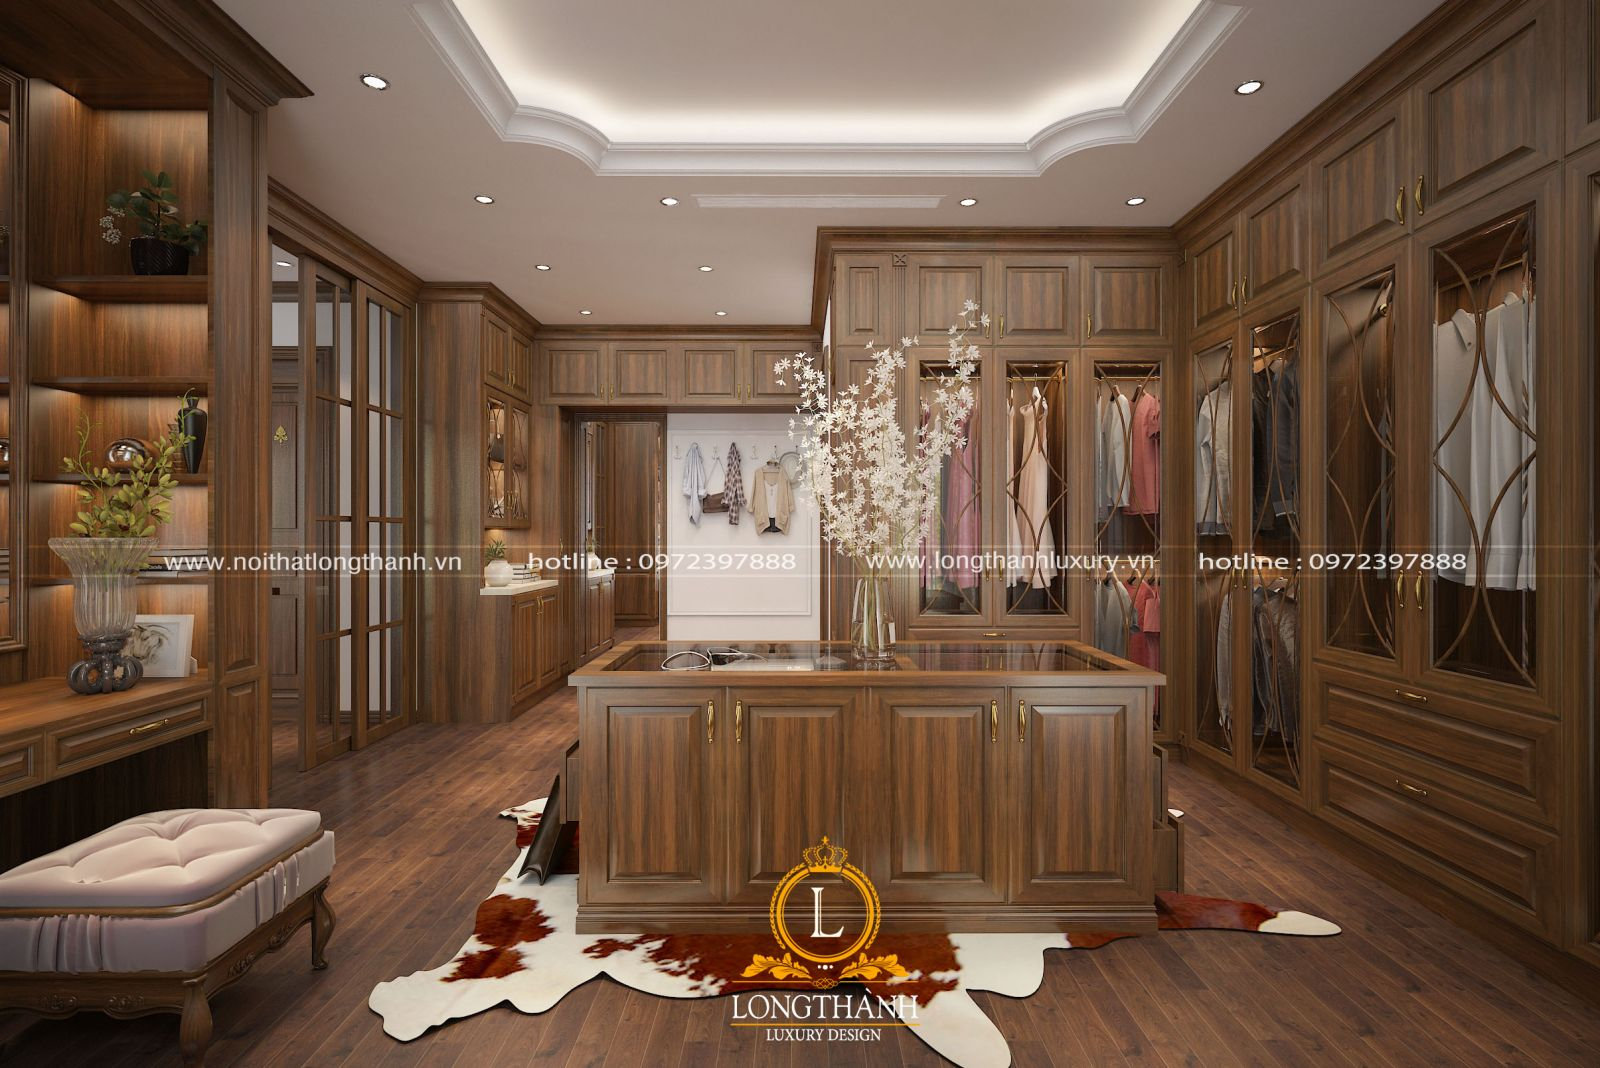 Phòng thay đồ được thiết kế rộng rãi giúp gia chủ trưng bày những món đồ đắt giá